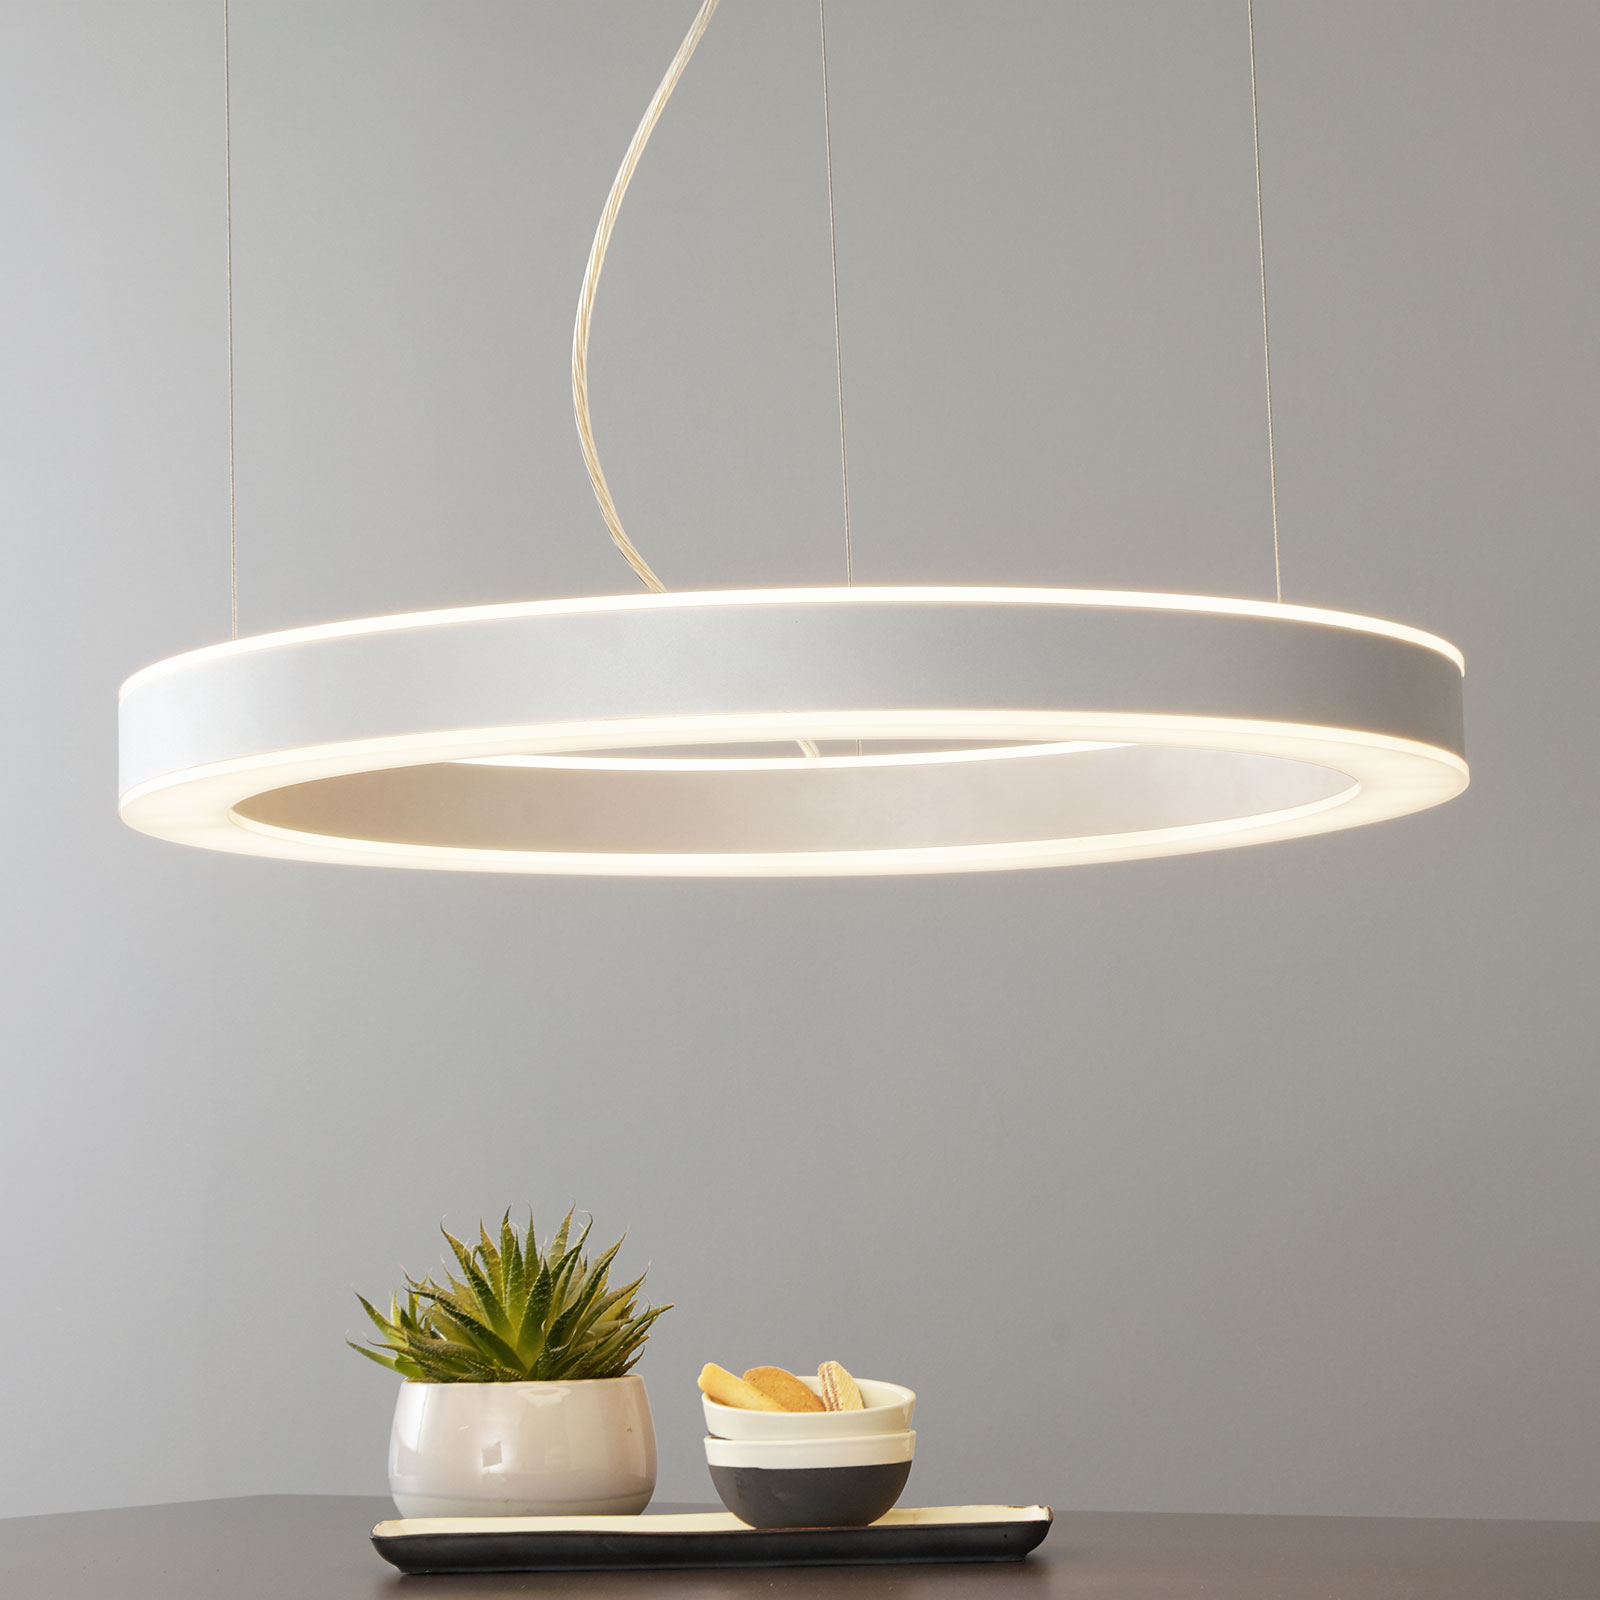 Arcchio Pietro LED-hengelampe sølv 70 cm 90 W